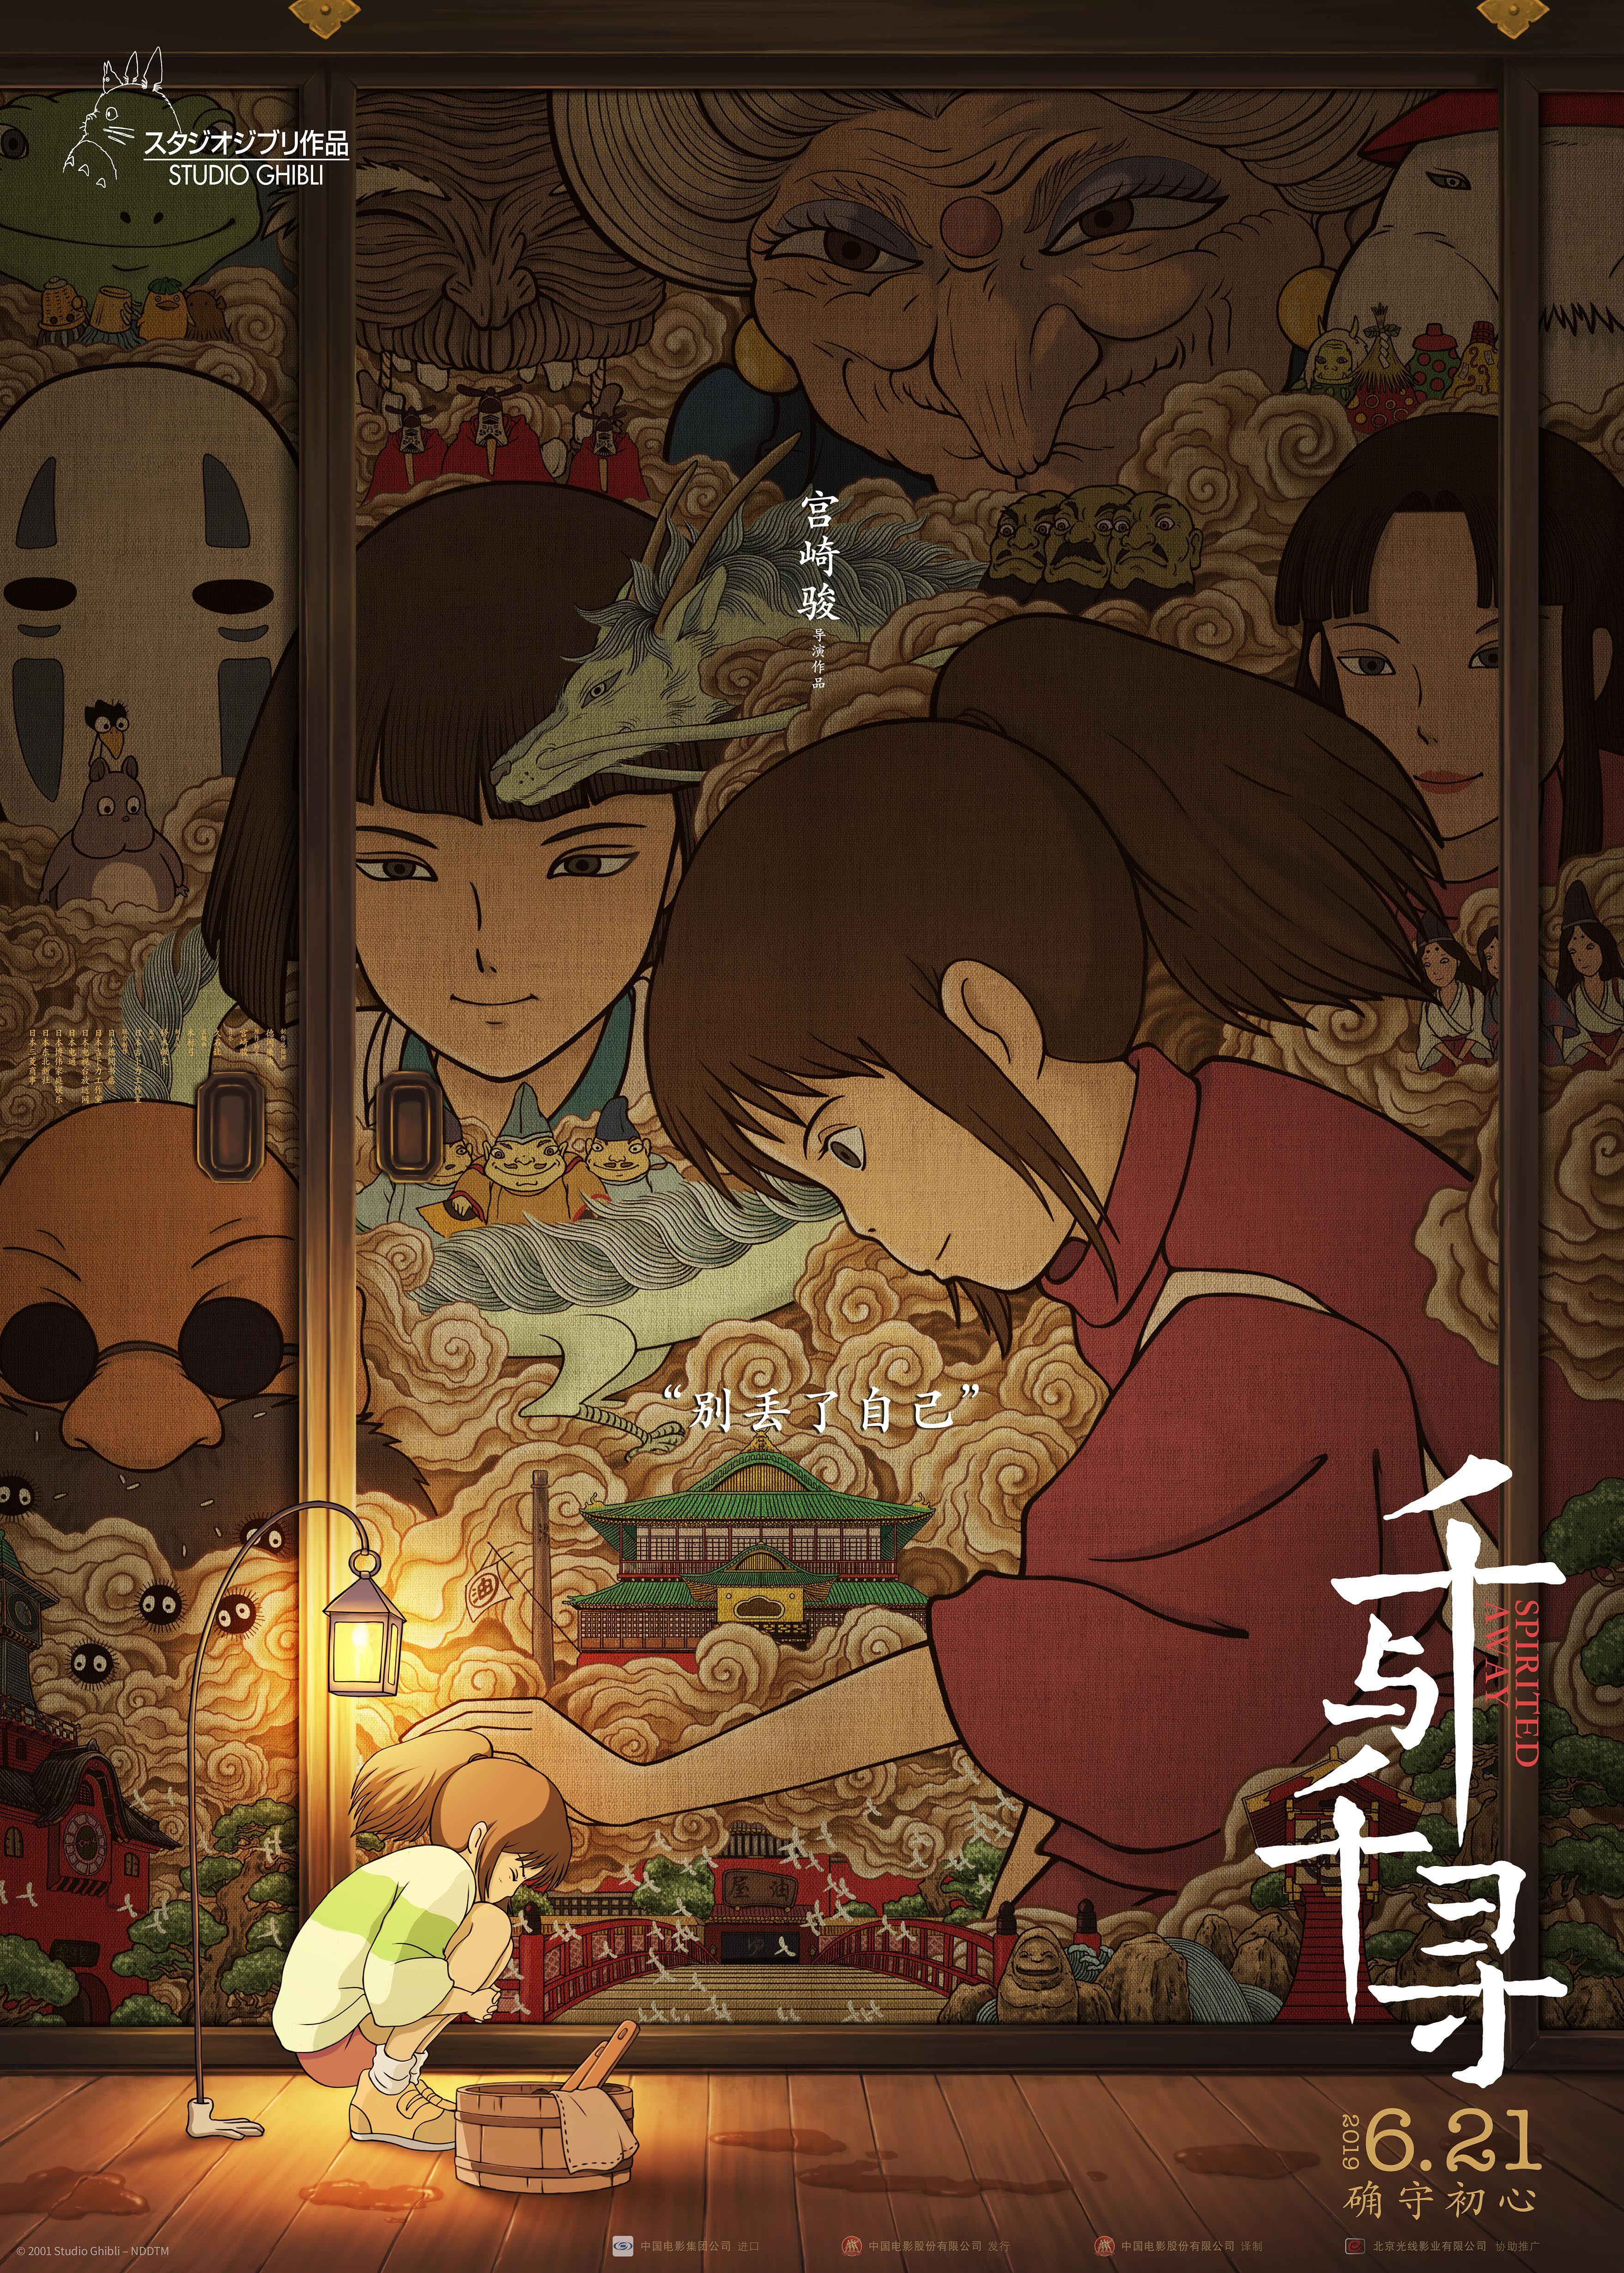 寓意非凡 《千与千寻》曝黄海设计中国版海报